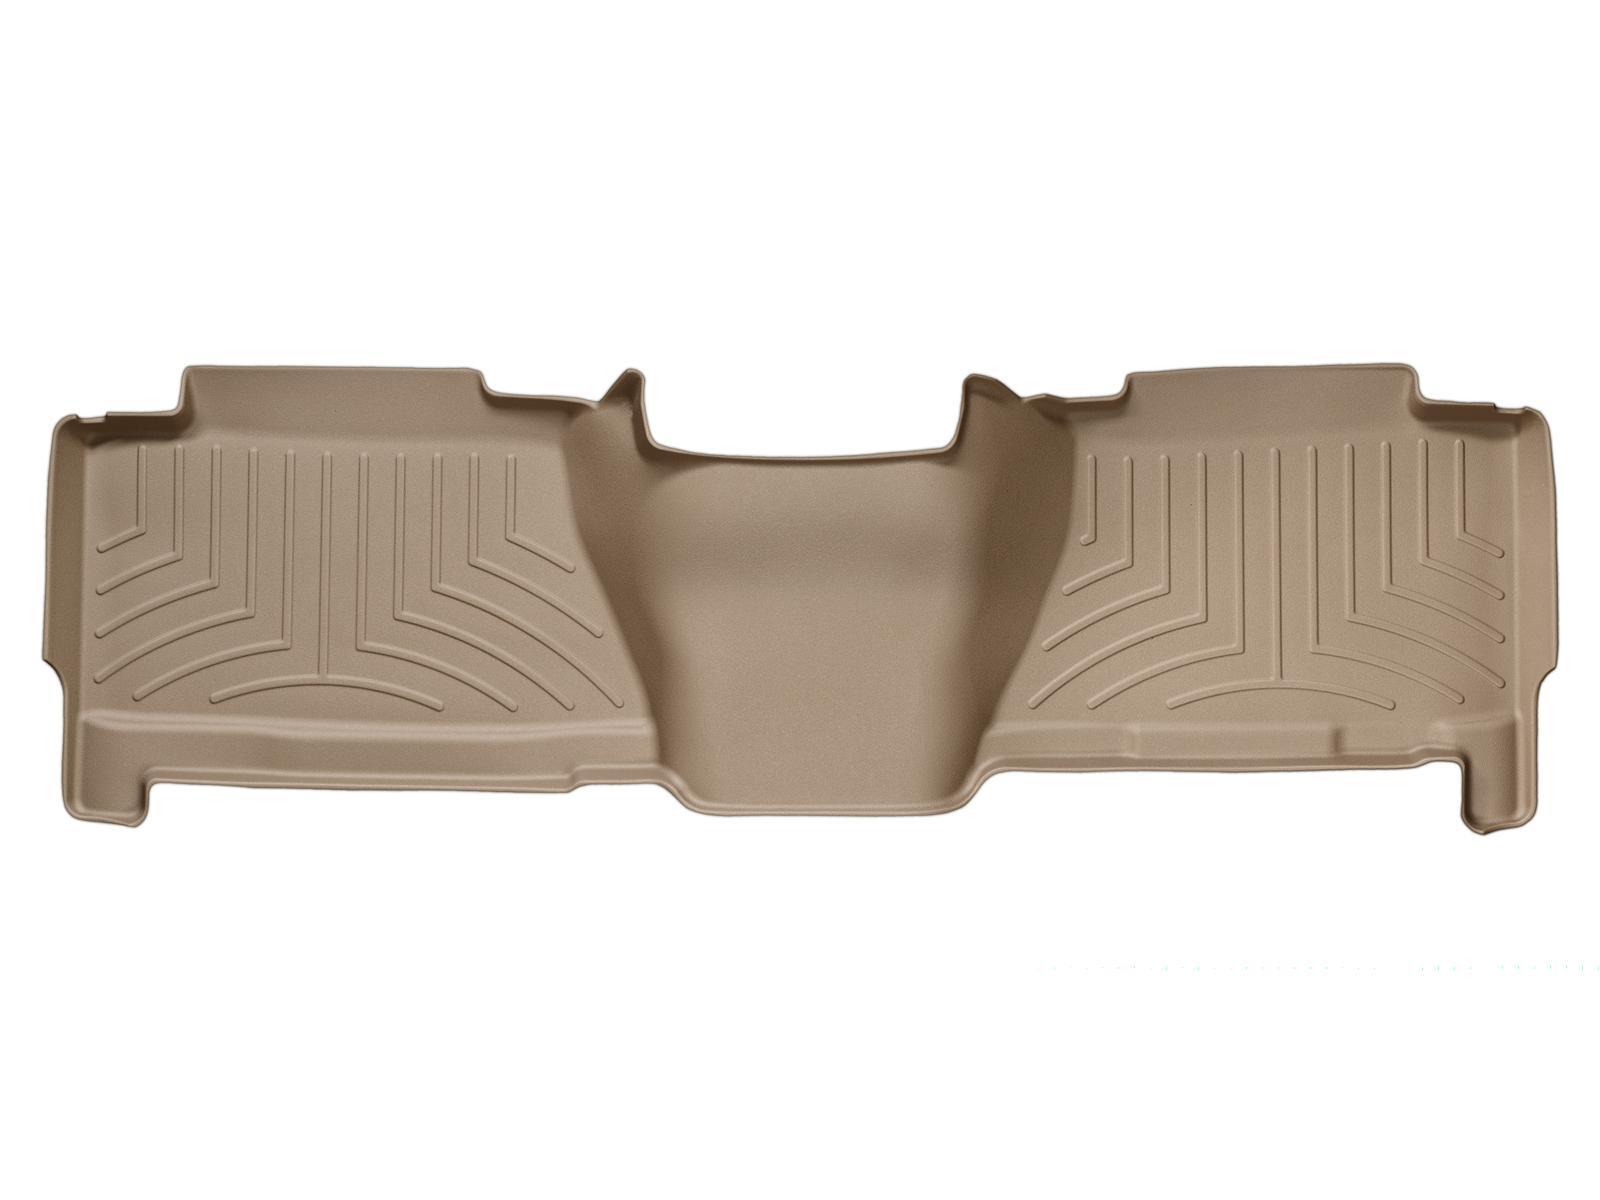 Tappeti gomma su misura bordo alto Chevrolet Silverado 07>07 Marrone A166